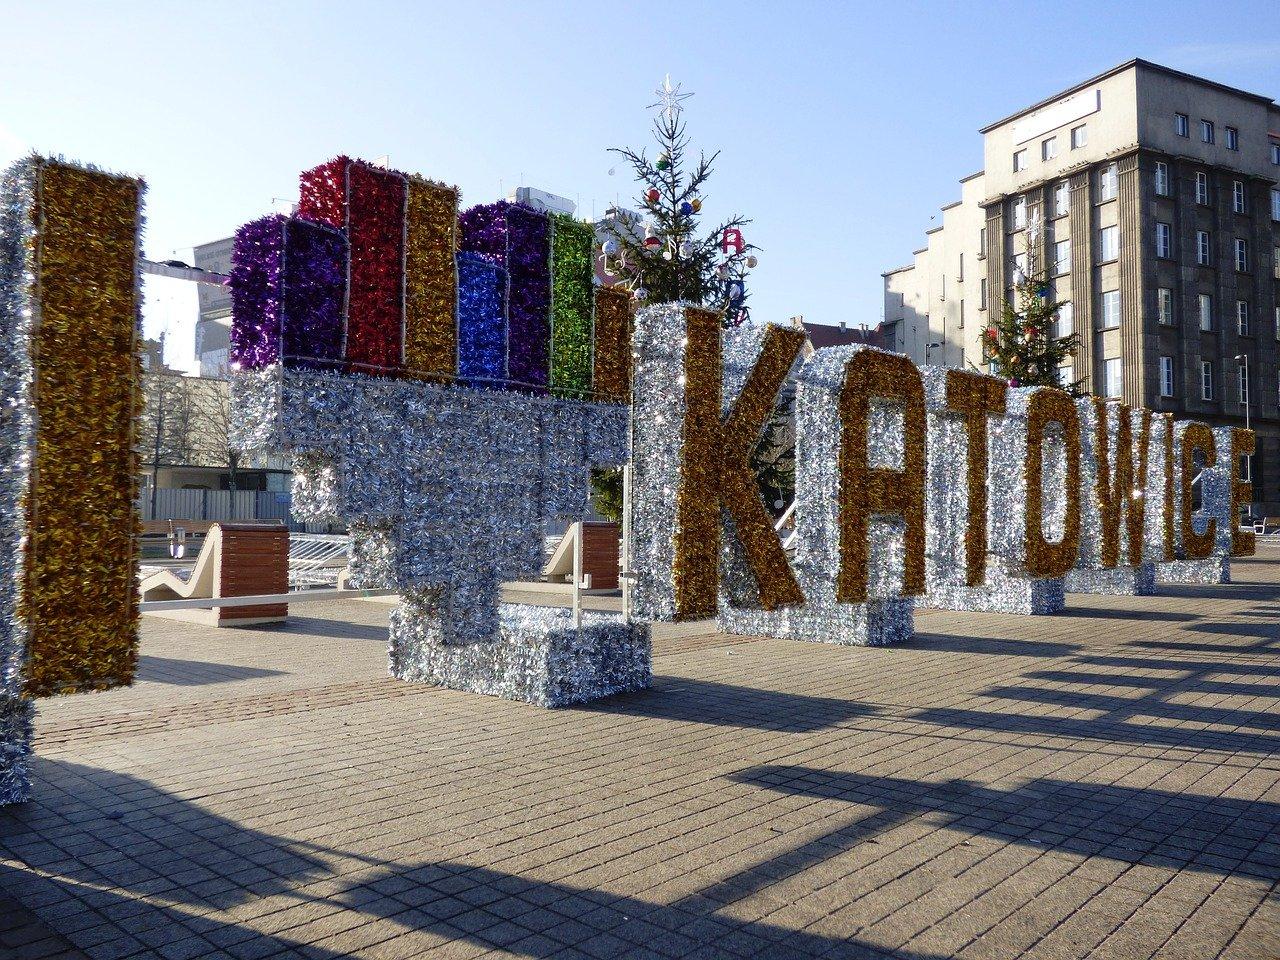 Co warto zwiedzić w Katowicach?